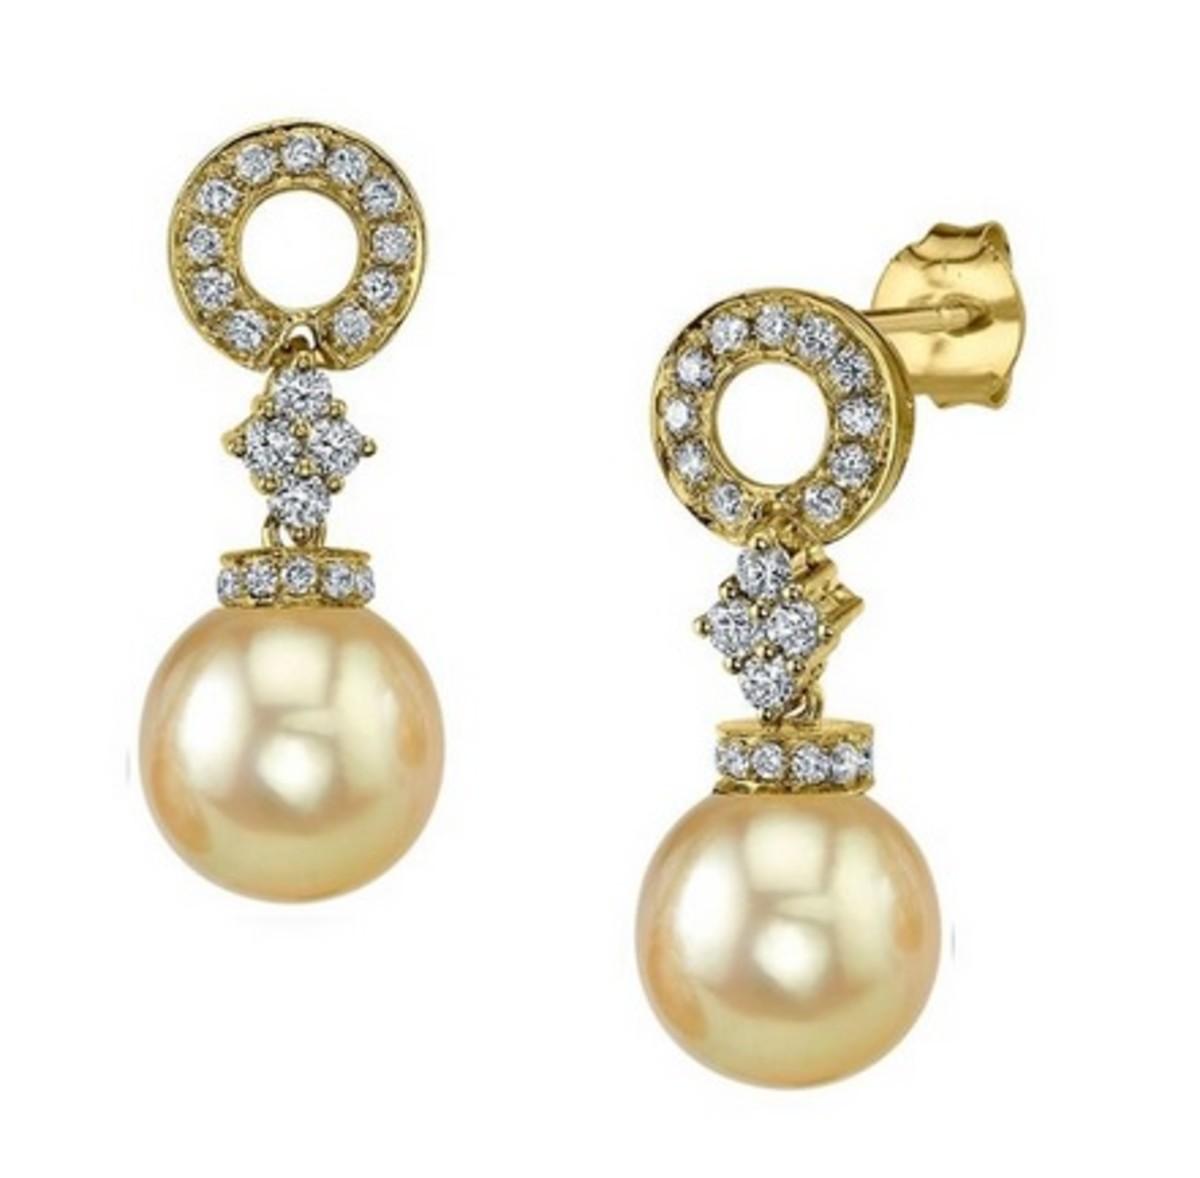 Pearl earrings like royalty would wear